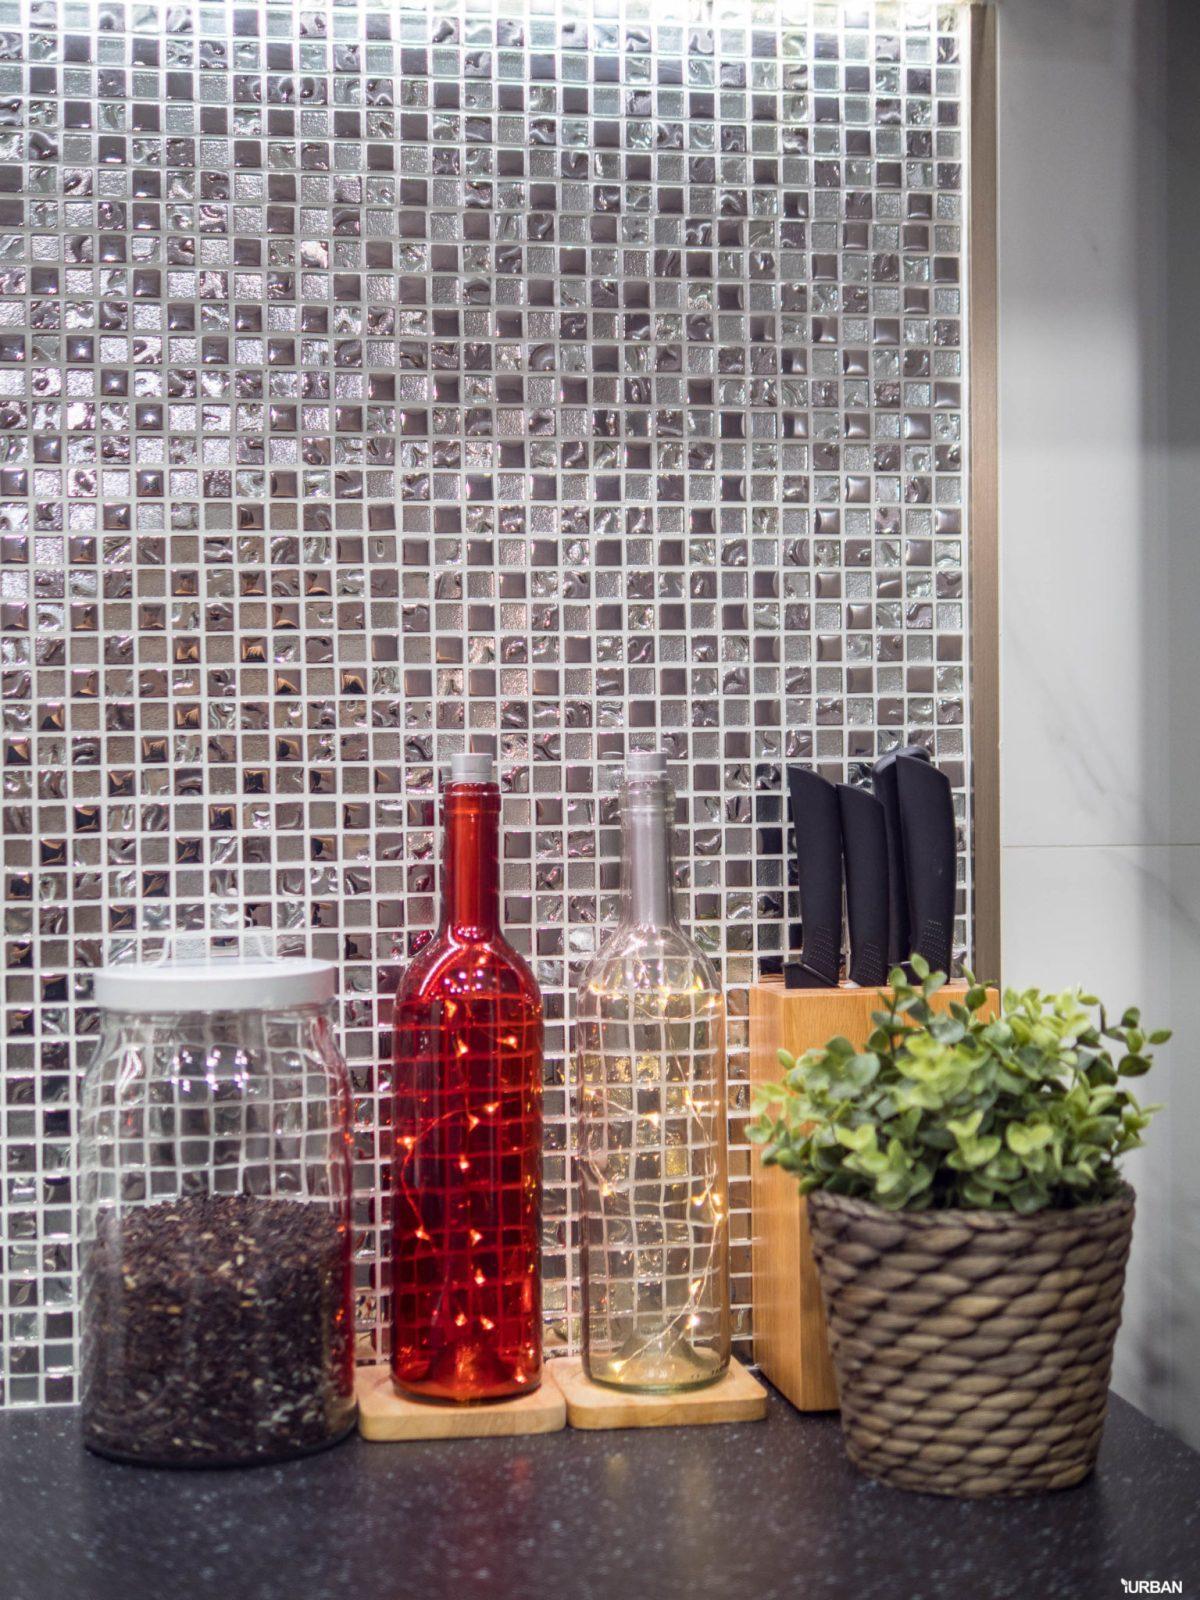 รีโนเวทครัว ให้สวยหรูสไตล์ Modern Luxury แบบจบงานไว ไม่กระทบโครงสร้างเดิม 95 - jorakay